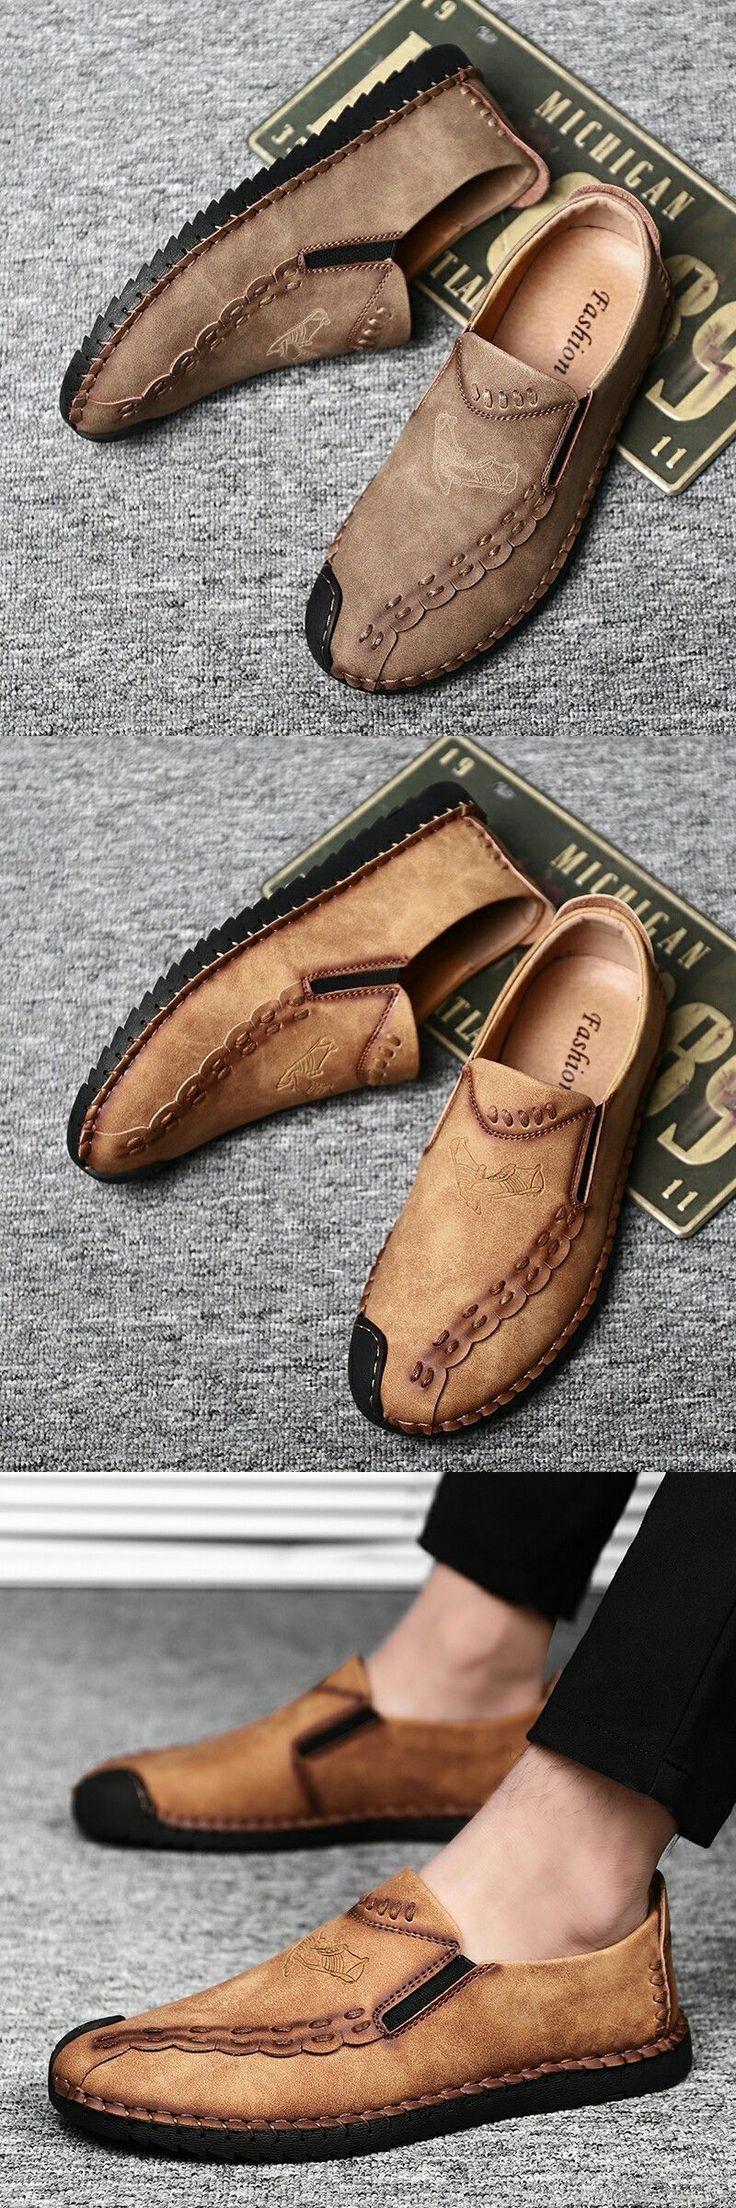 Prelesty Brand Retro Handmade Leather Shoes Men Casual Genuine… - http://sorihe.com/mensshoes/2018/02/22/prelesty-brand-retro-handmade-leather-shoes-men-casual-genuine-2/